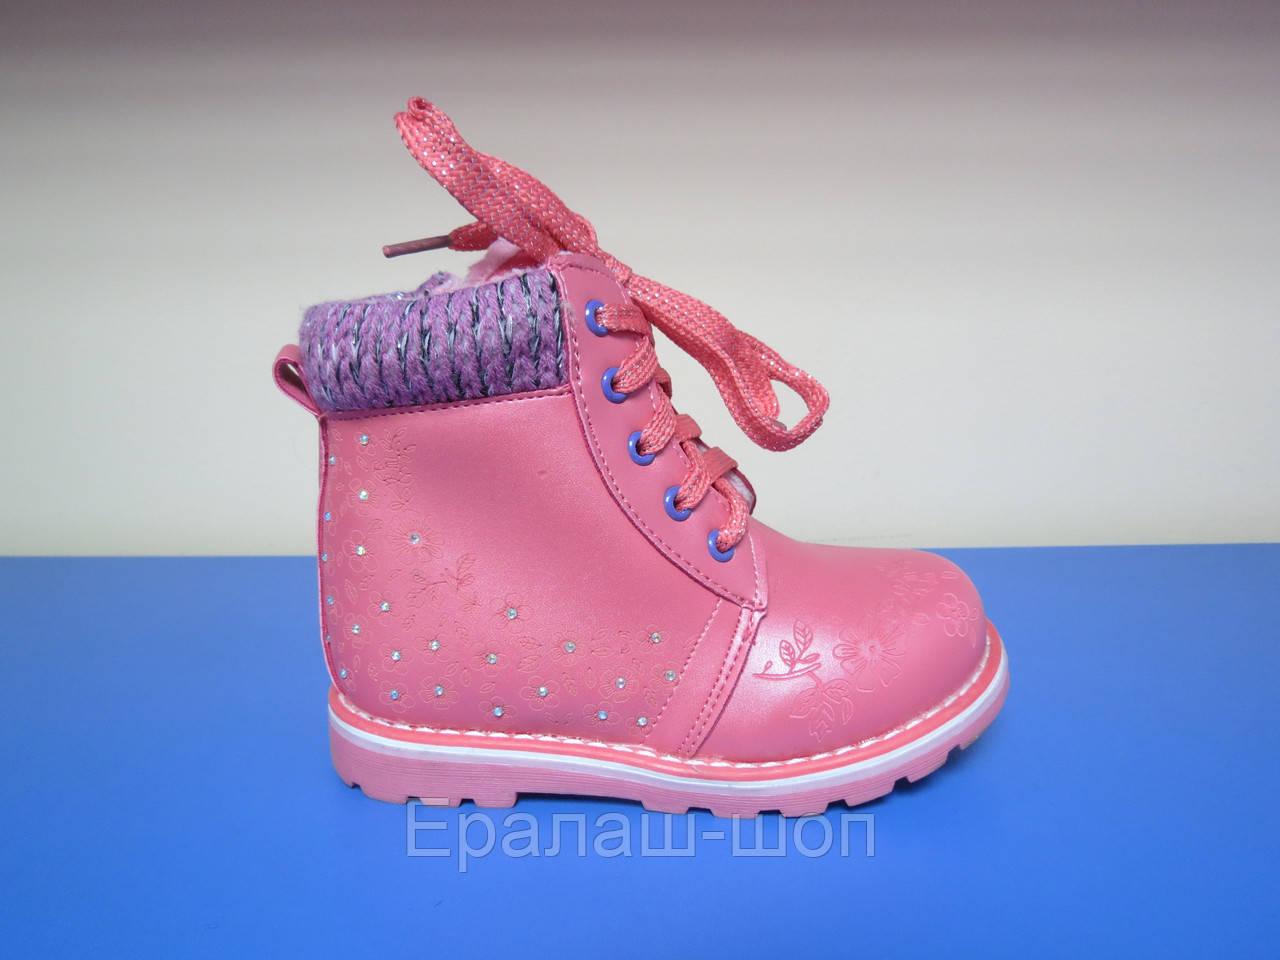 9b86b9b62 Распродажа!Зимние ботинки/сапоги для девочки 22-27р, цена 384 грн ...